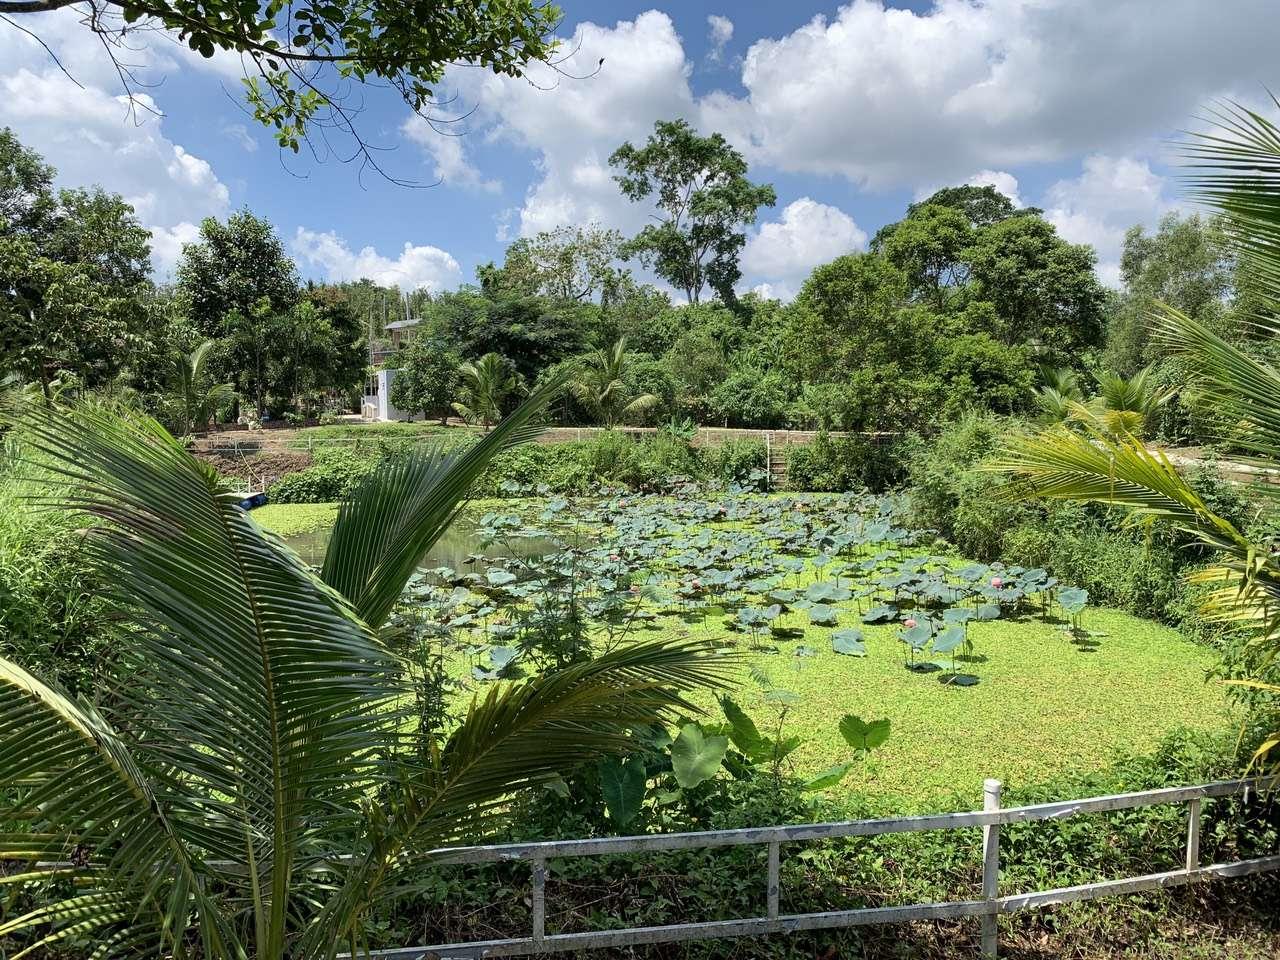 B133 - [NGHĨ DƯỠNG VIP] Bán nhà vườn 5167m2 view đã tạo ao sen, hồ cá rất đẹp, có 200m2 thổ cư, suối nước bao quanh, vườn trái cây xum xuê nhiều bóng mát một nơi tuyệt vời để nghĩ dưỡng giá 15.5 tỷ tại Trung tâm thị trấn Ngãi Giao, Châu Đức, BRVT